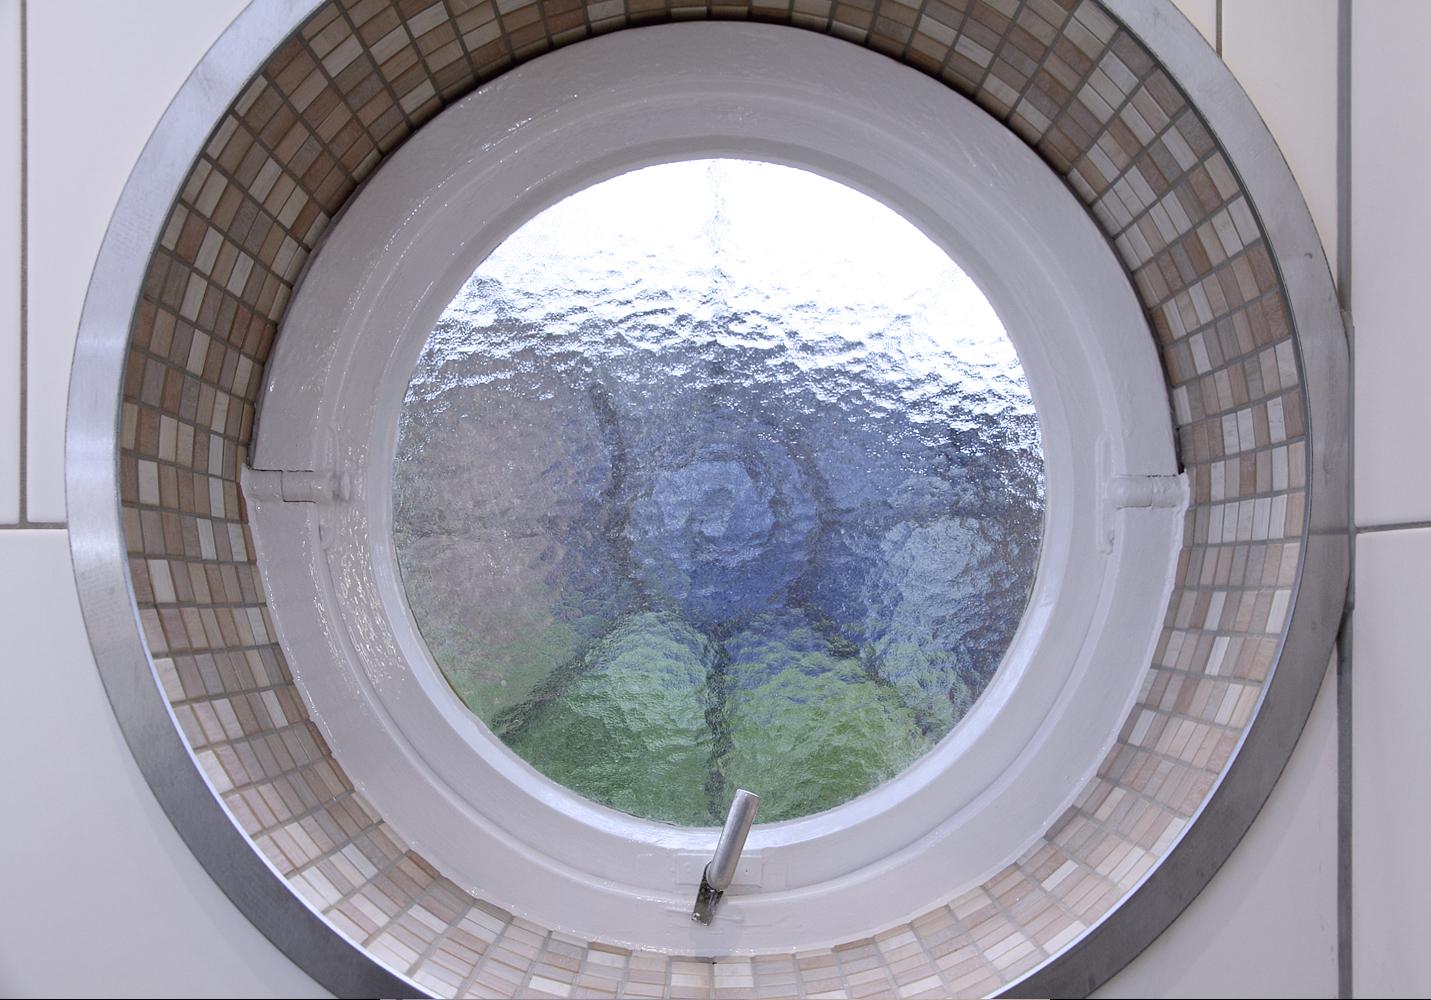 Den Abschluss im Übergangsbereich zwischen Mosaikfliesen im Rundfenster und den Wandfliesen bildet ein flacher Edelstahlring.